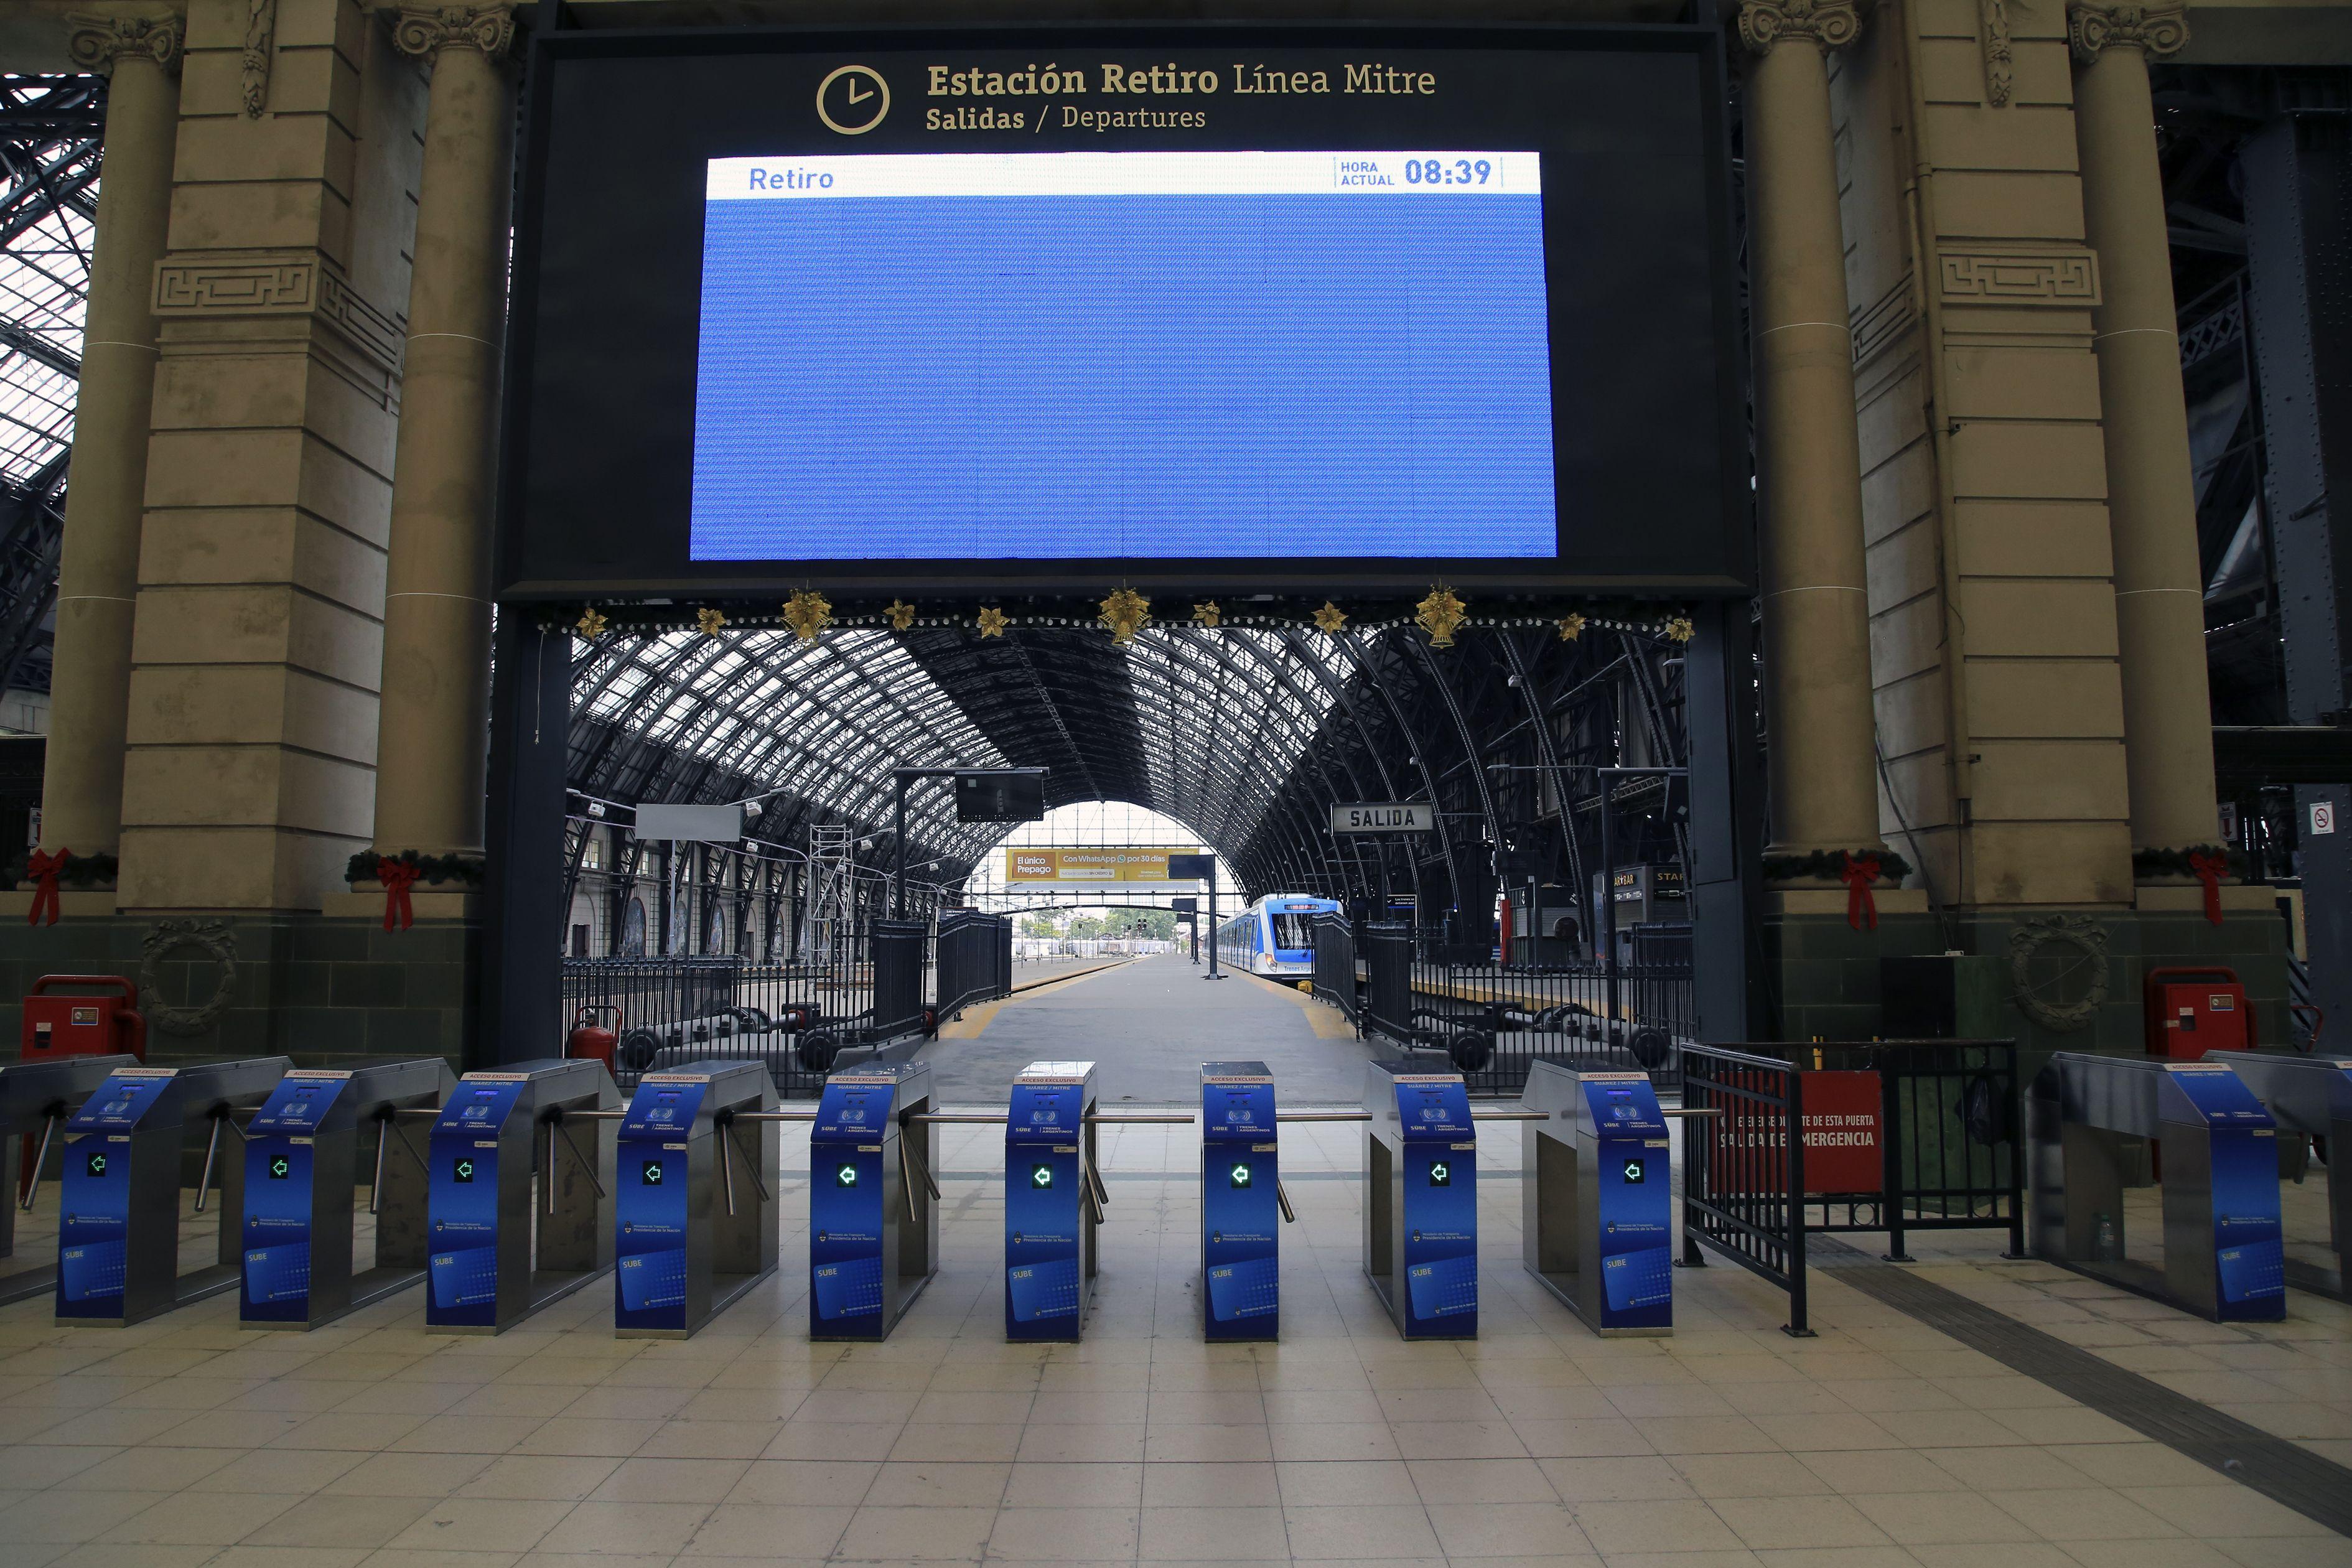 Viernes complicado para viajar: sin trenes hasta las 9 por asambleas de los ferroviarios